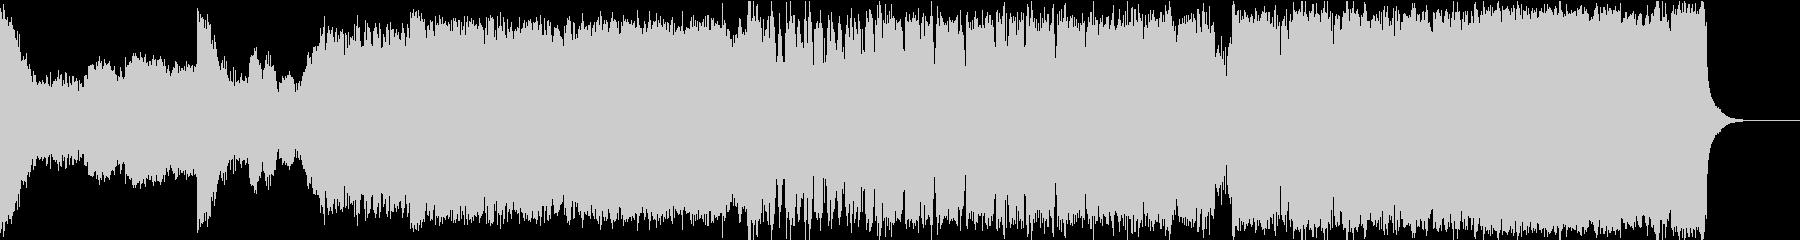 エピックヴォーカライズとボーイズクワイヤの未再生の波形